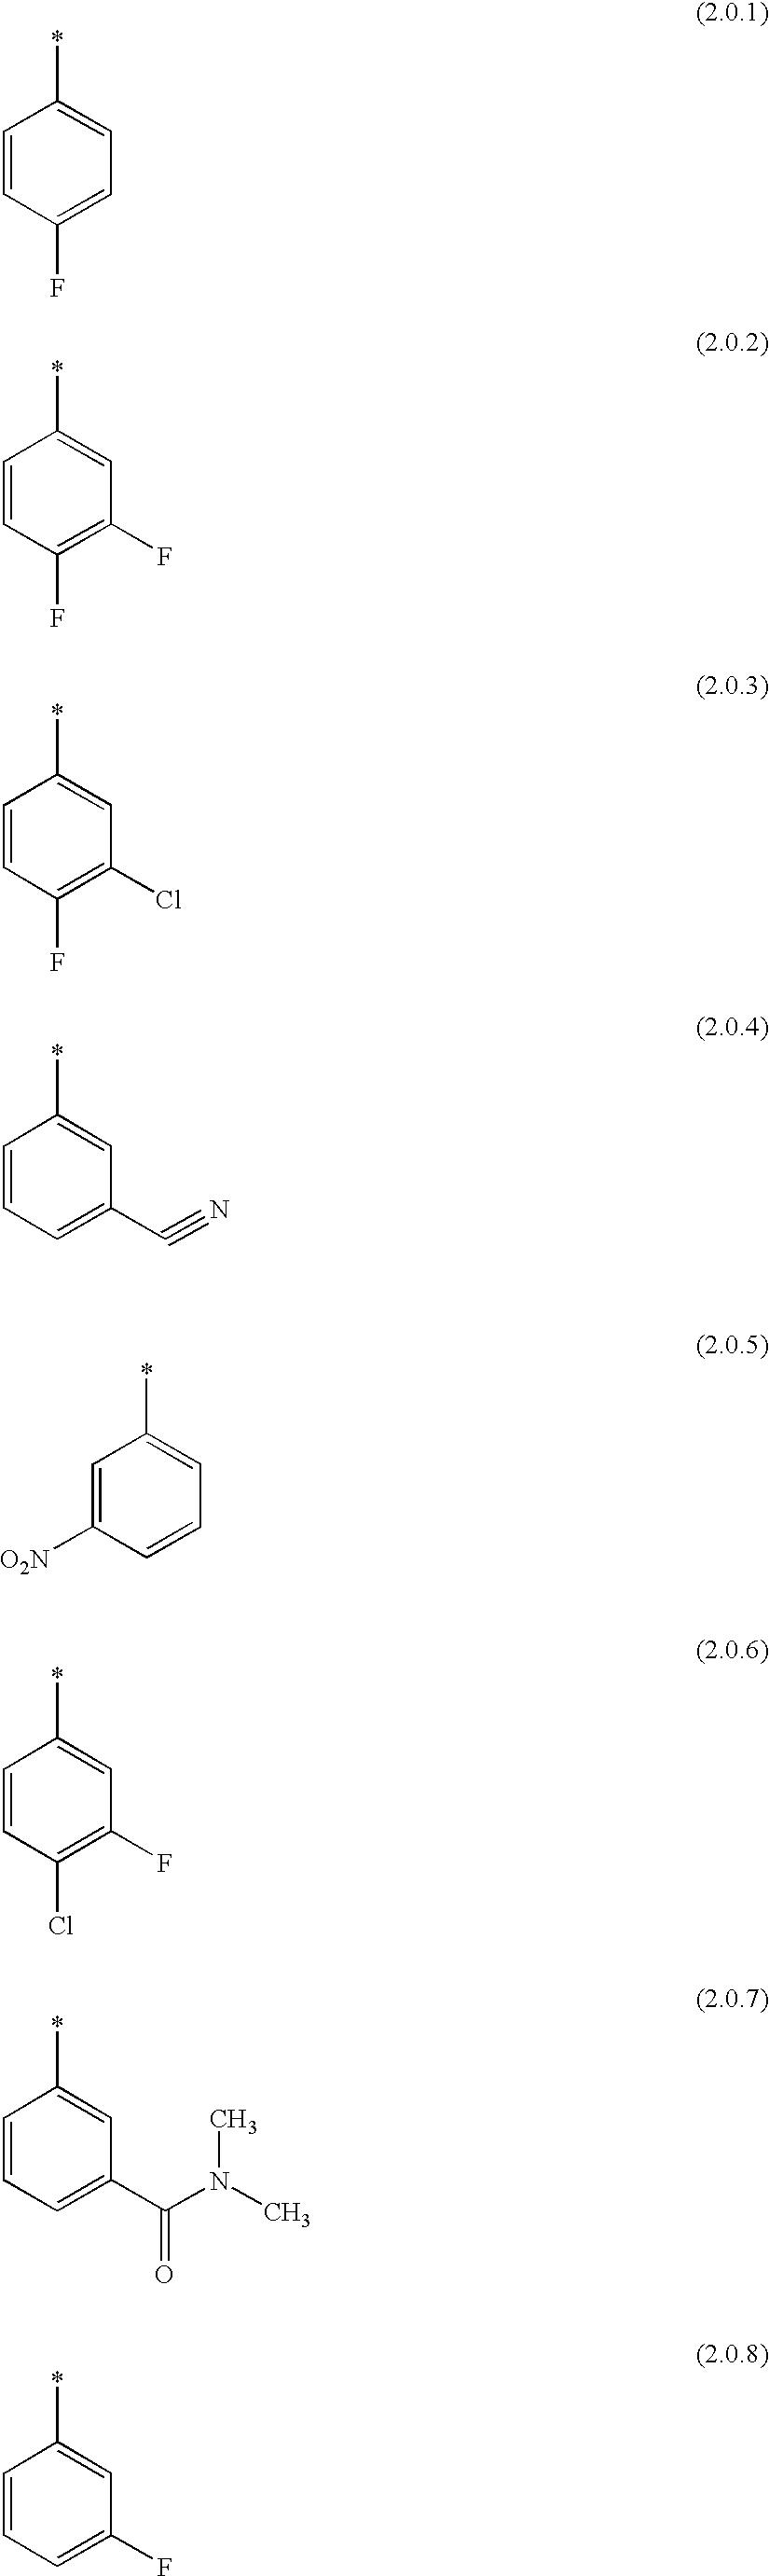 Figure US20030186974A1-20031002-C00108